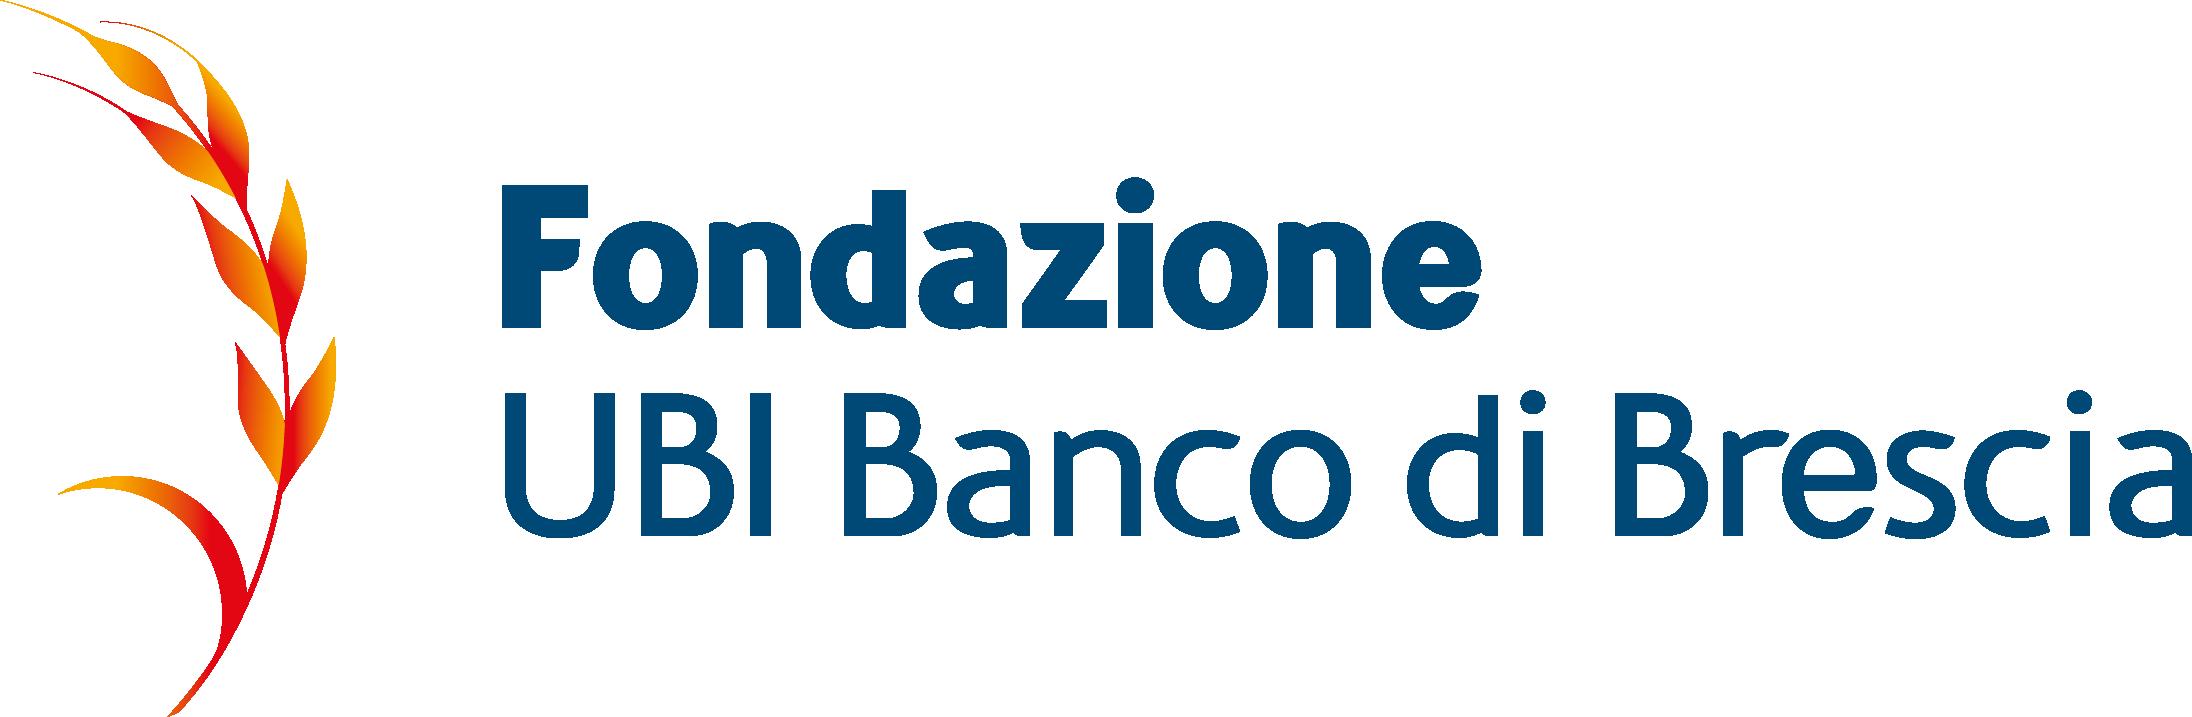 Fondazione UBI